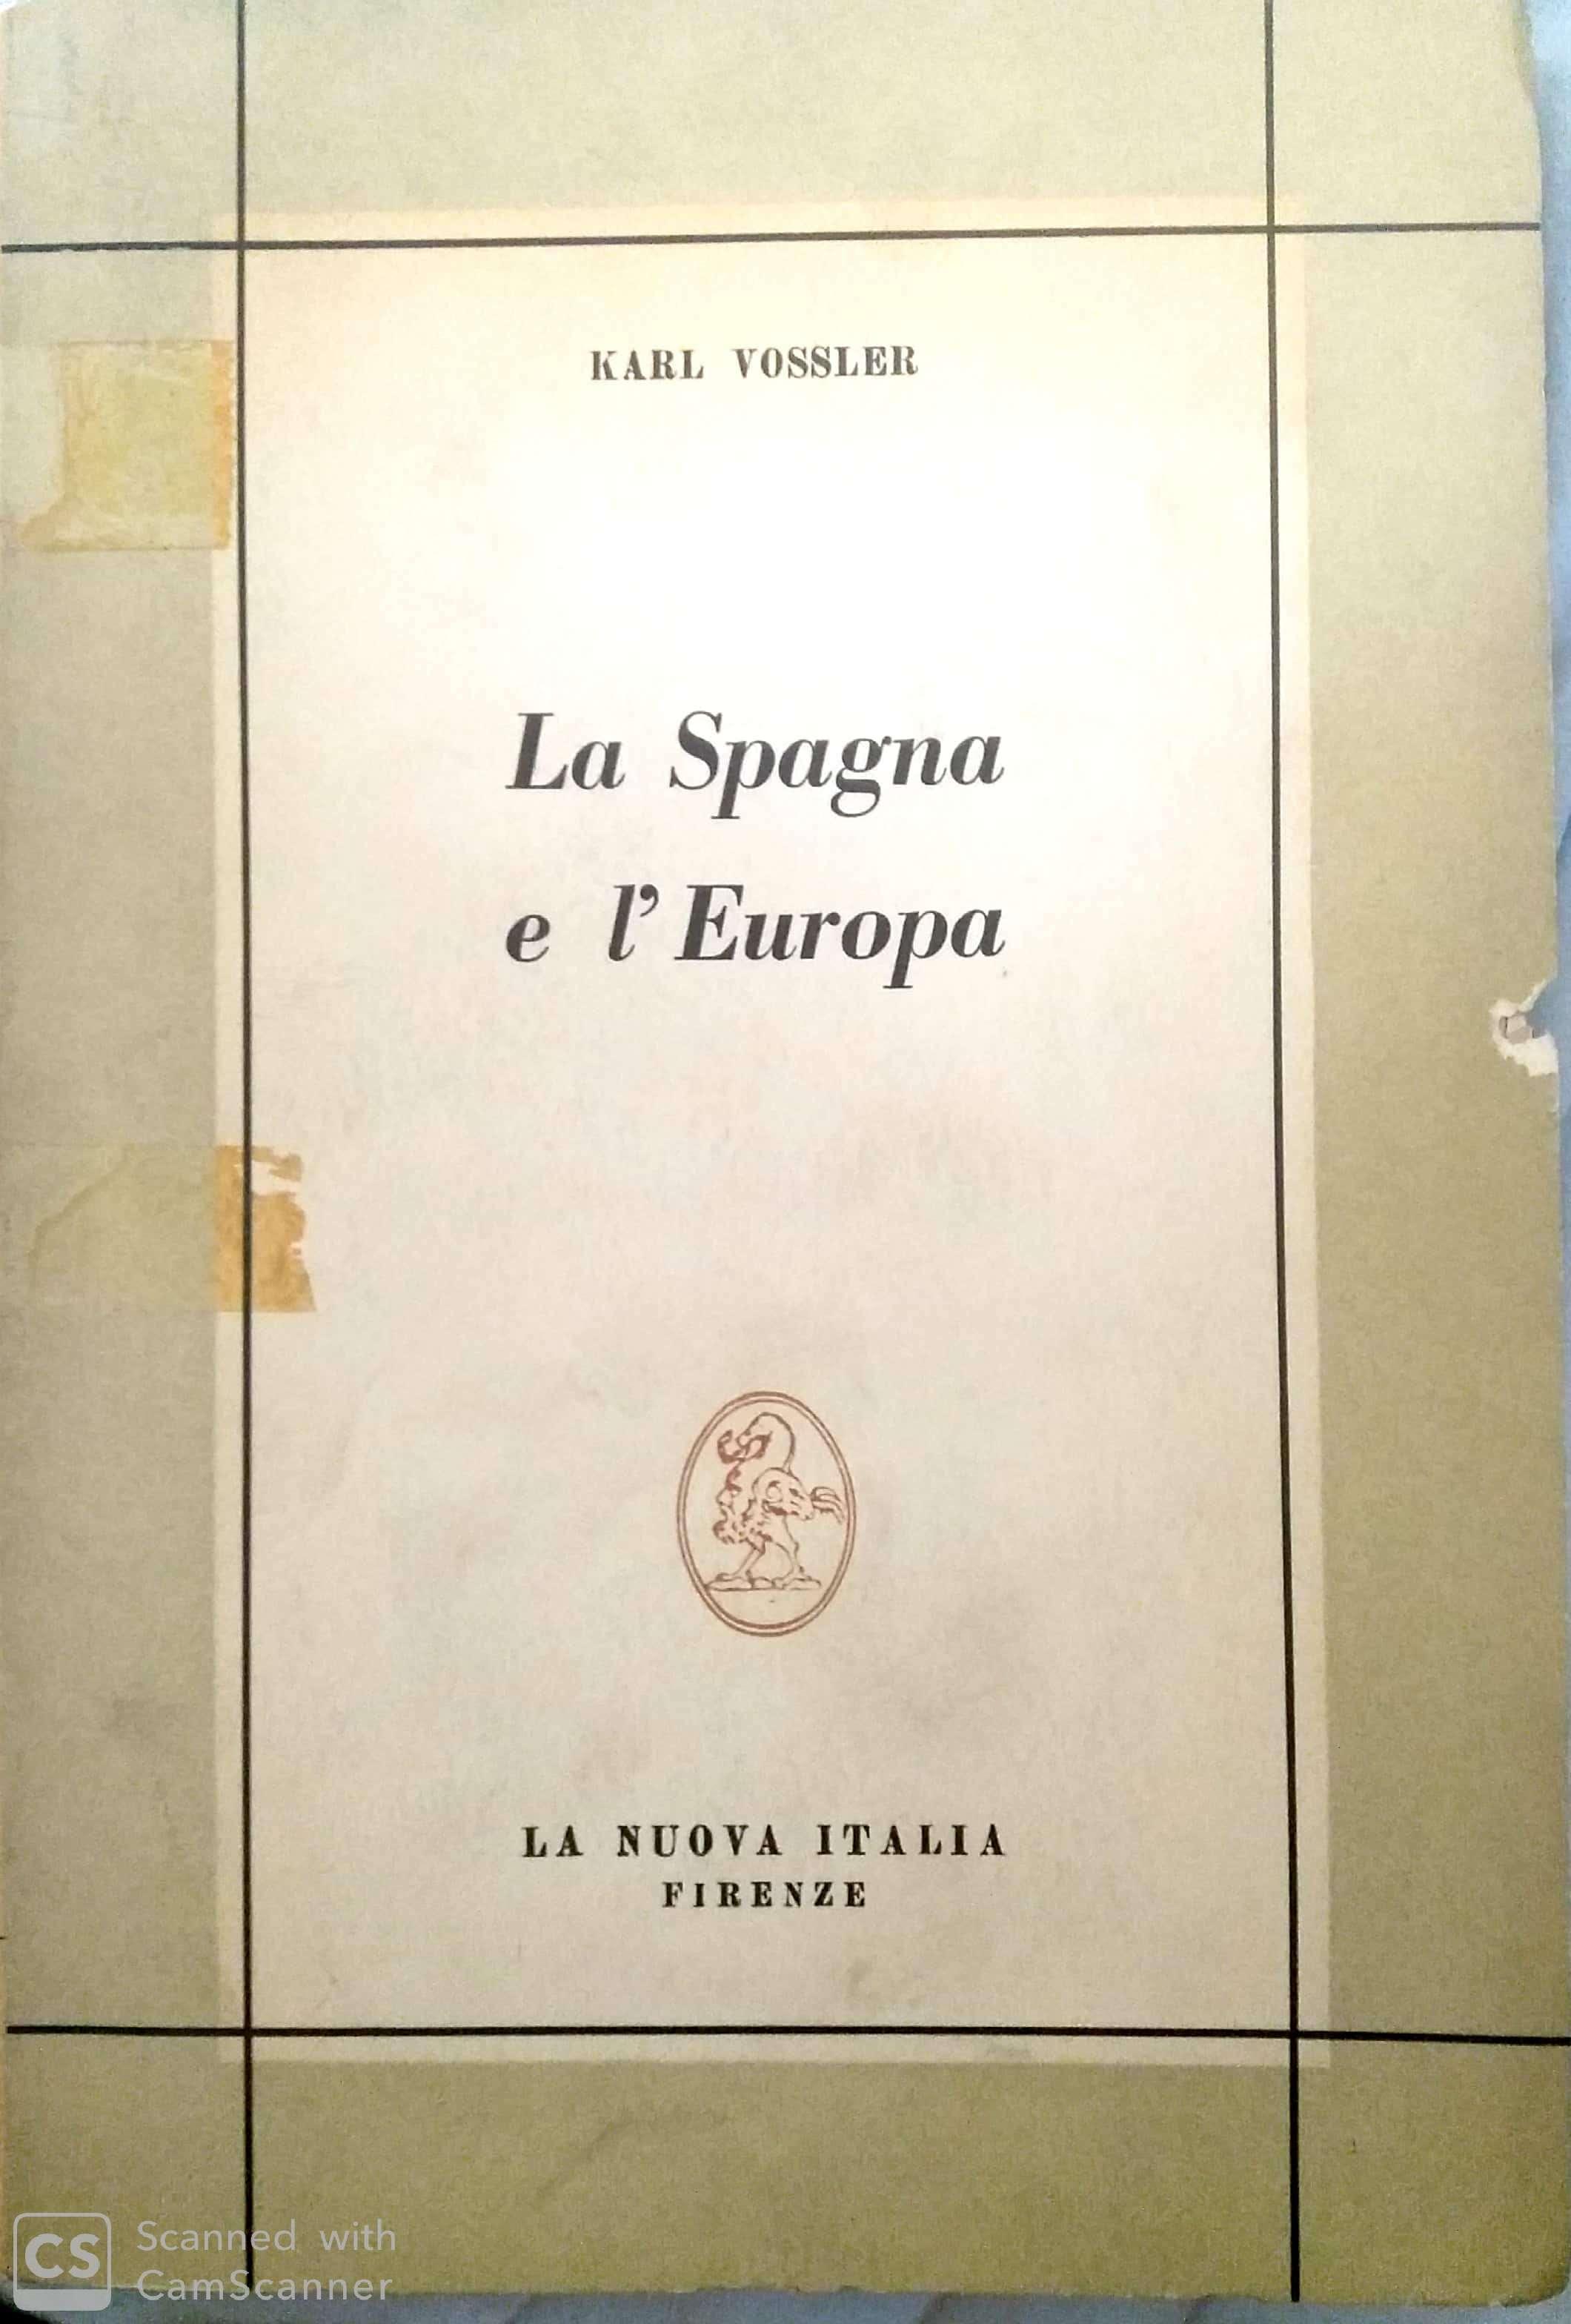 La Spagna e l'Europa